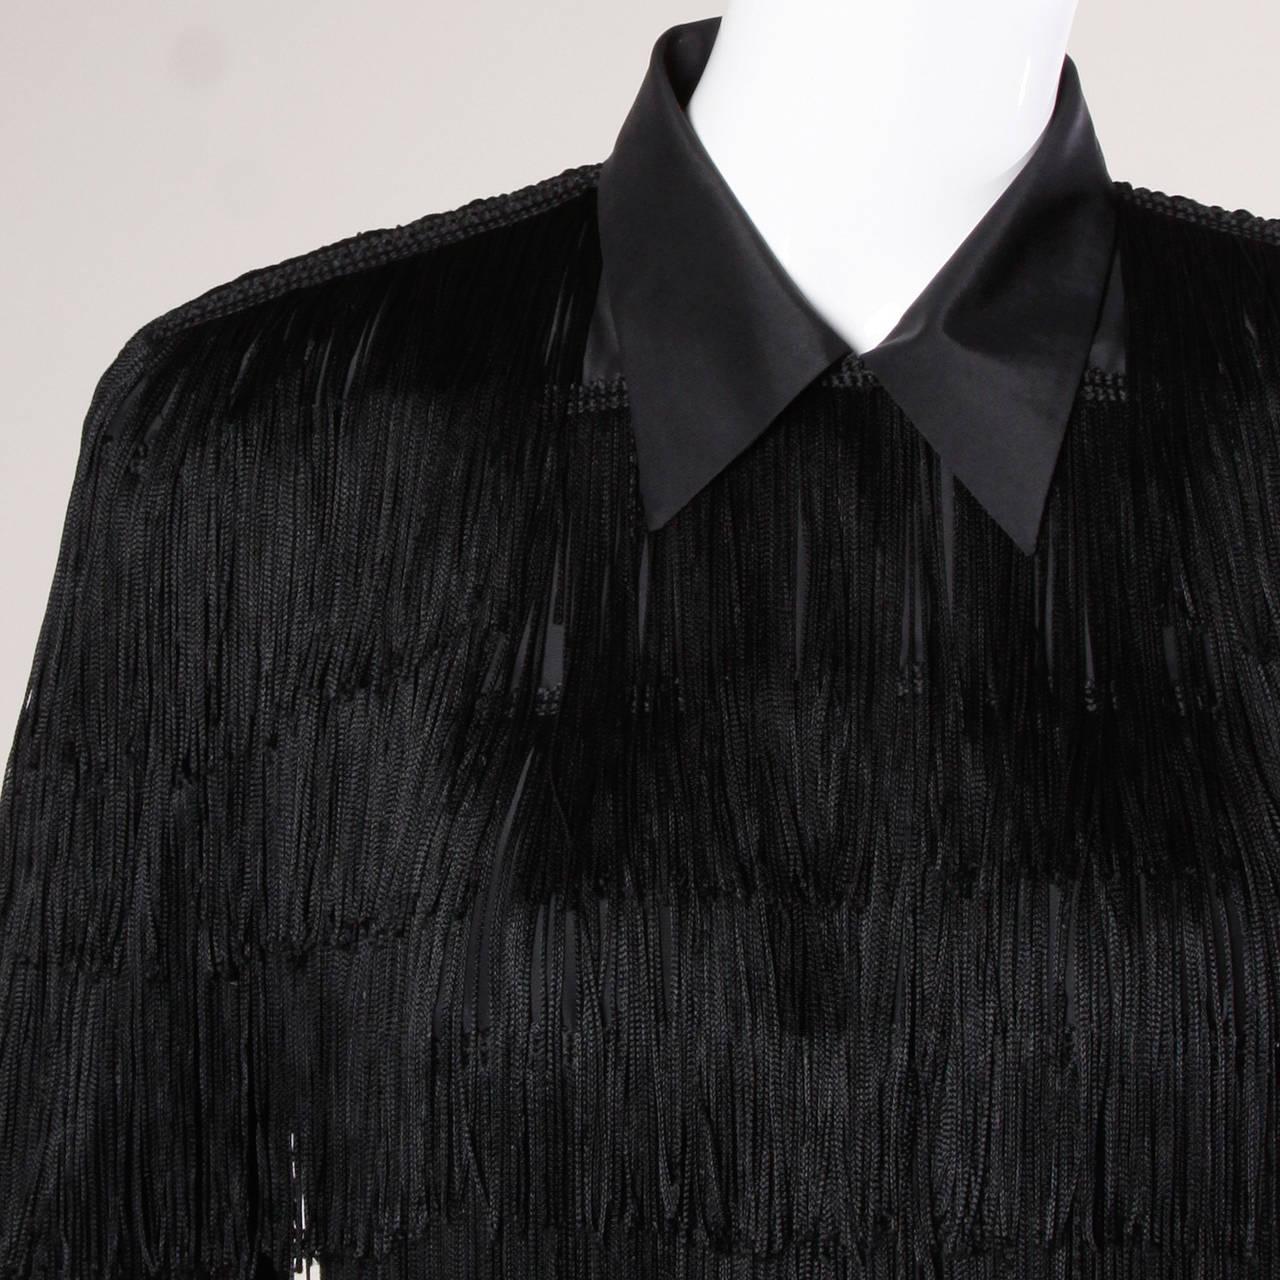 Norma Kamali Omo Vintage 1980s Black Fringe Jacket 4